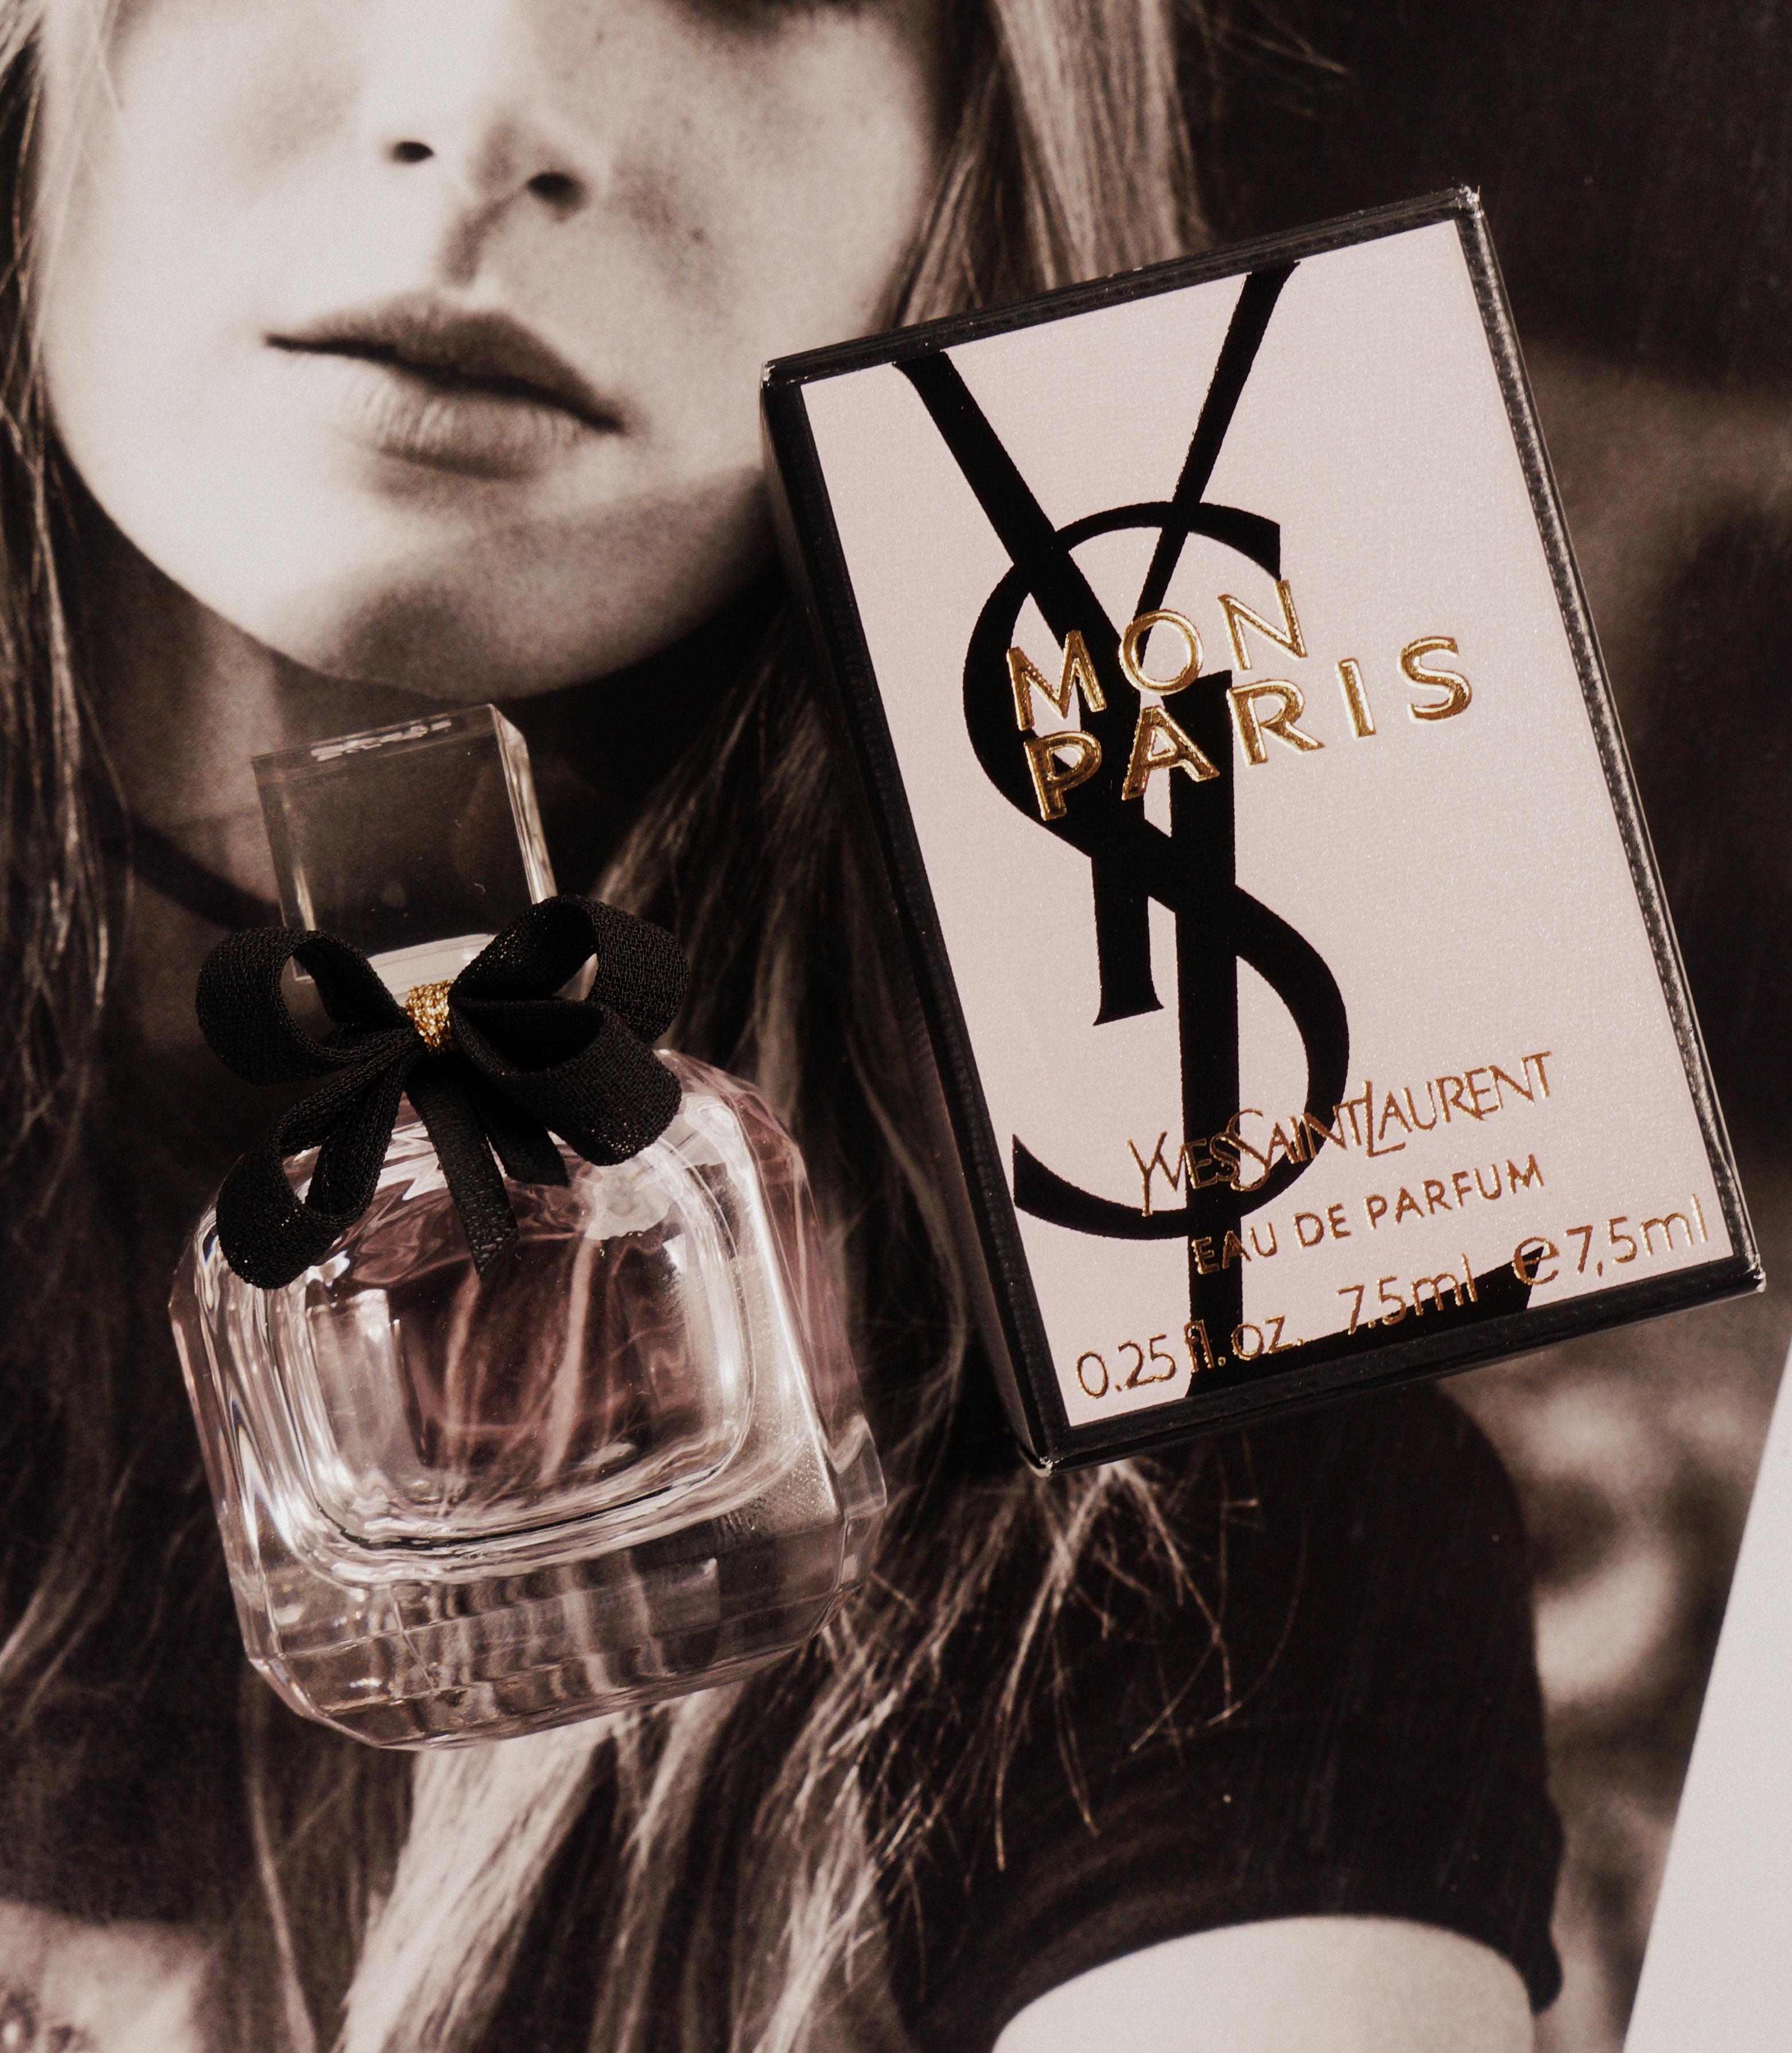 mon paris ysl blog o perfumach